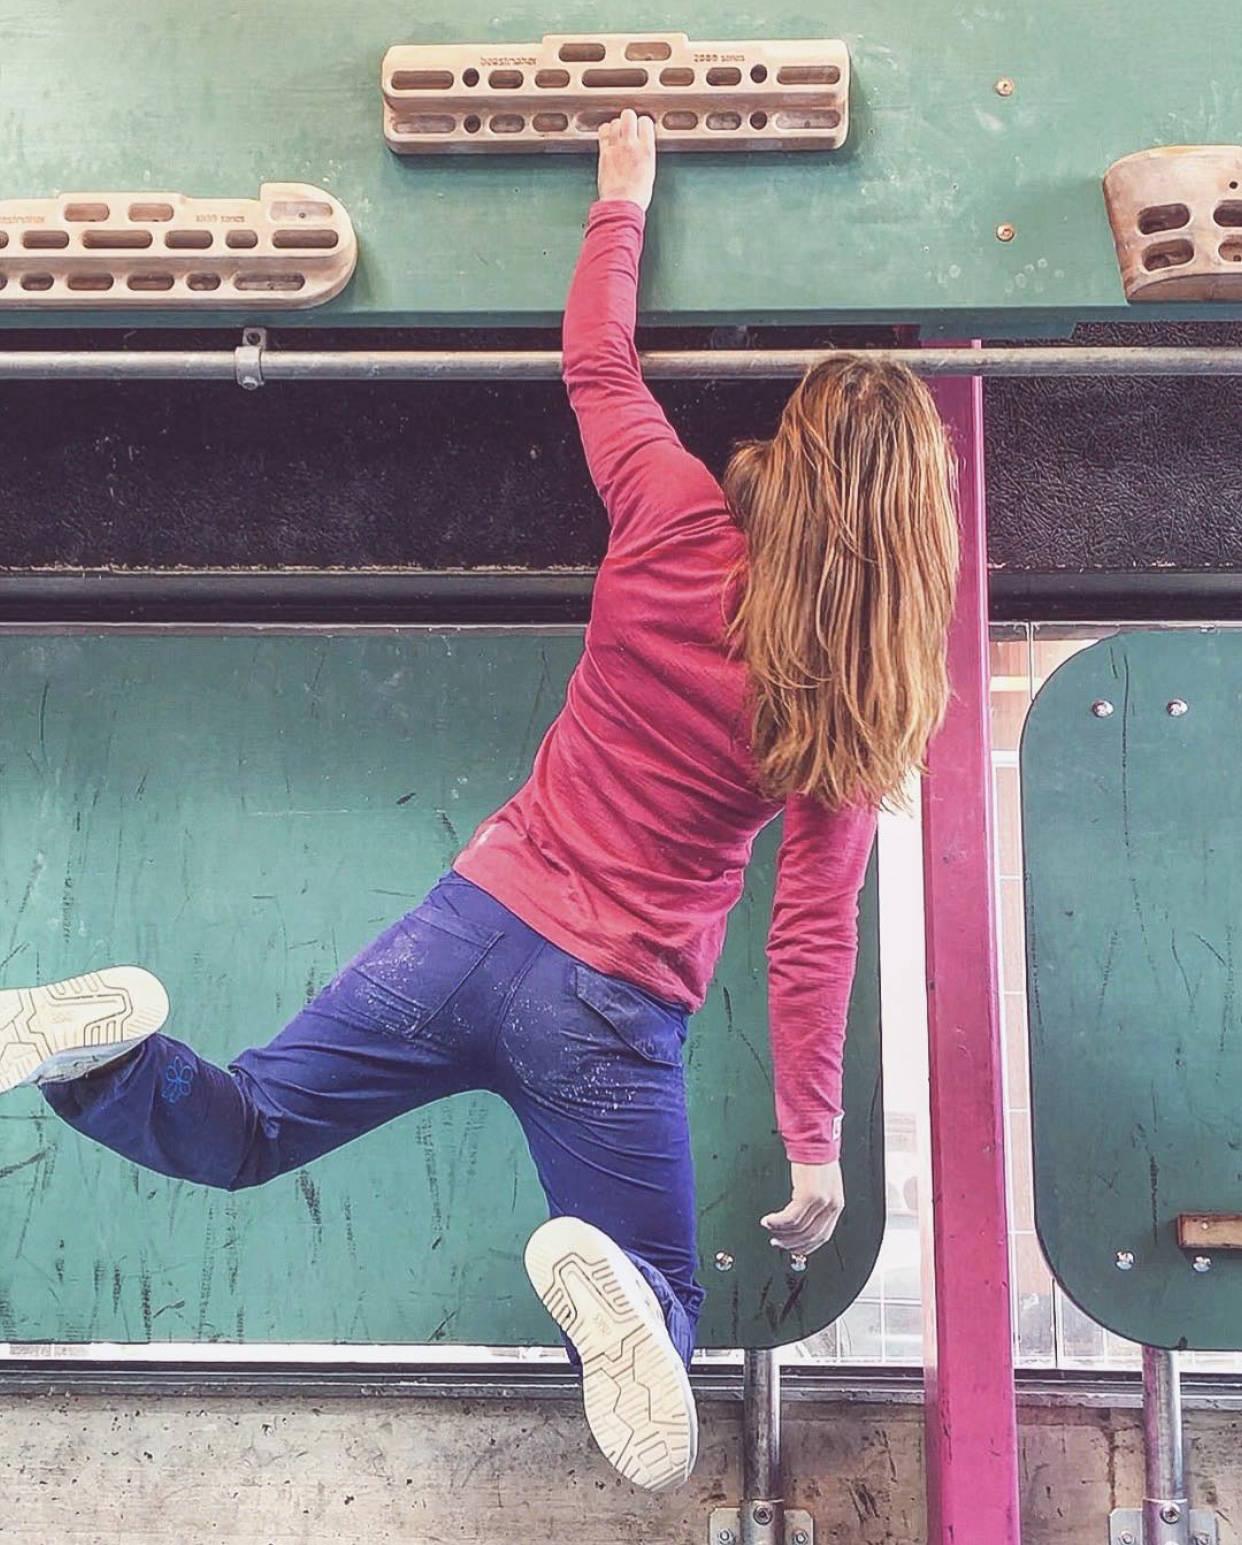 ENHÅNDSHENG: Tina Hafsaas hengende etter fingrene på en arm. Foto: Privat